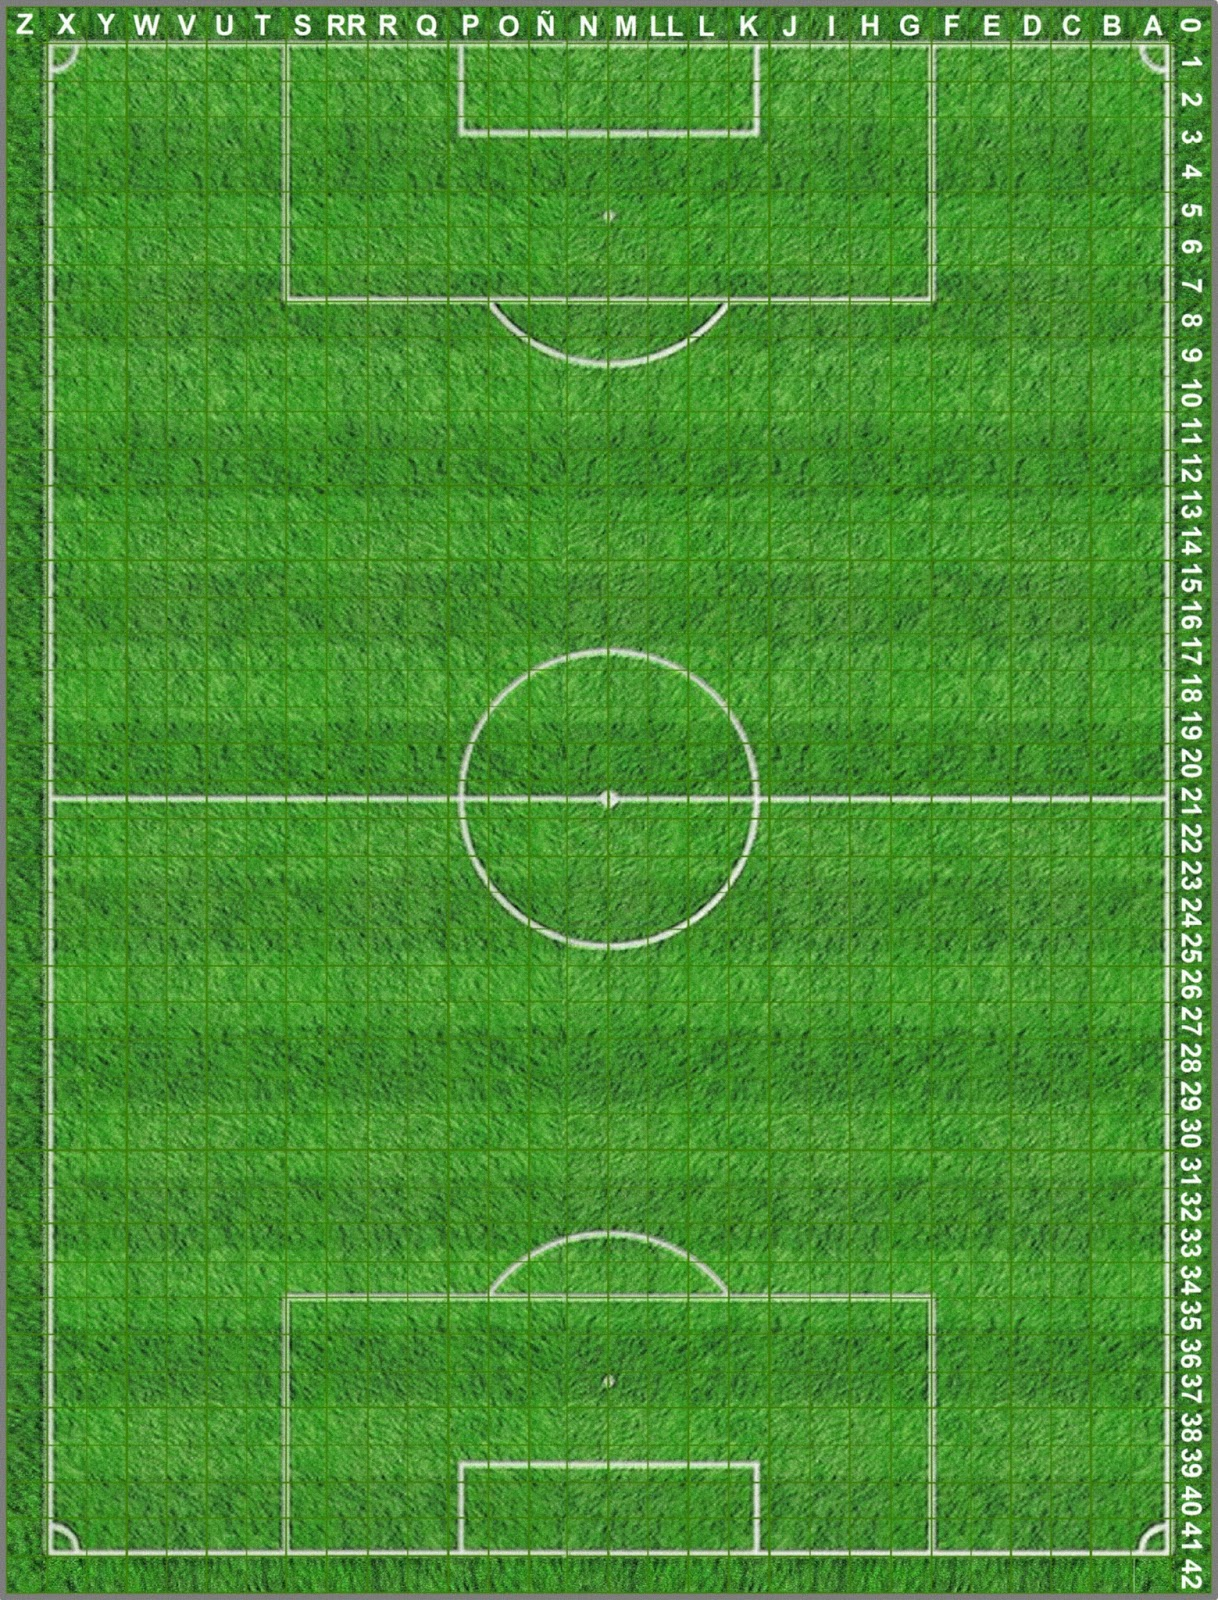 JUEGOS Y ESTRATEGIA DE GUNDAR KEN  GUNDAR Rol in Soccer